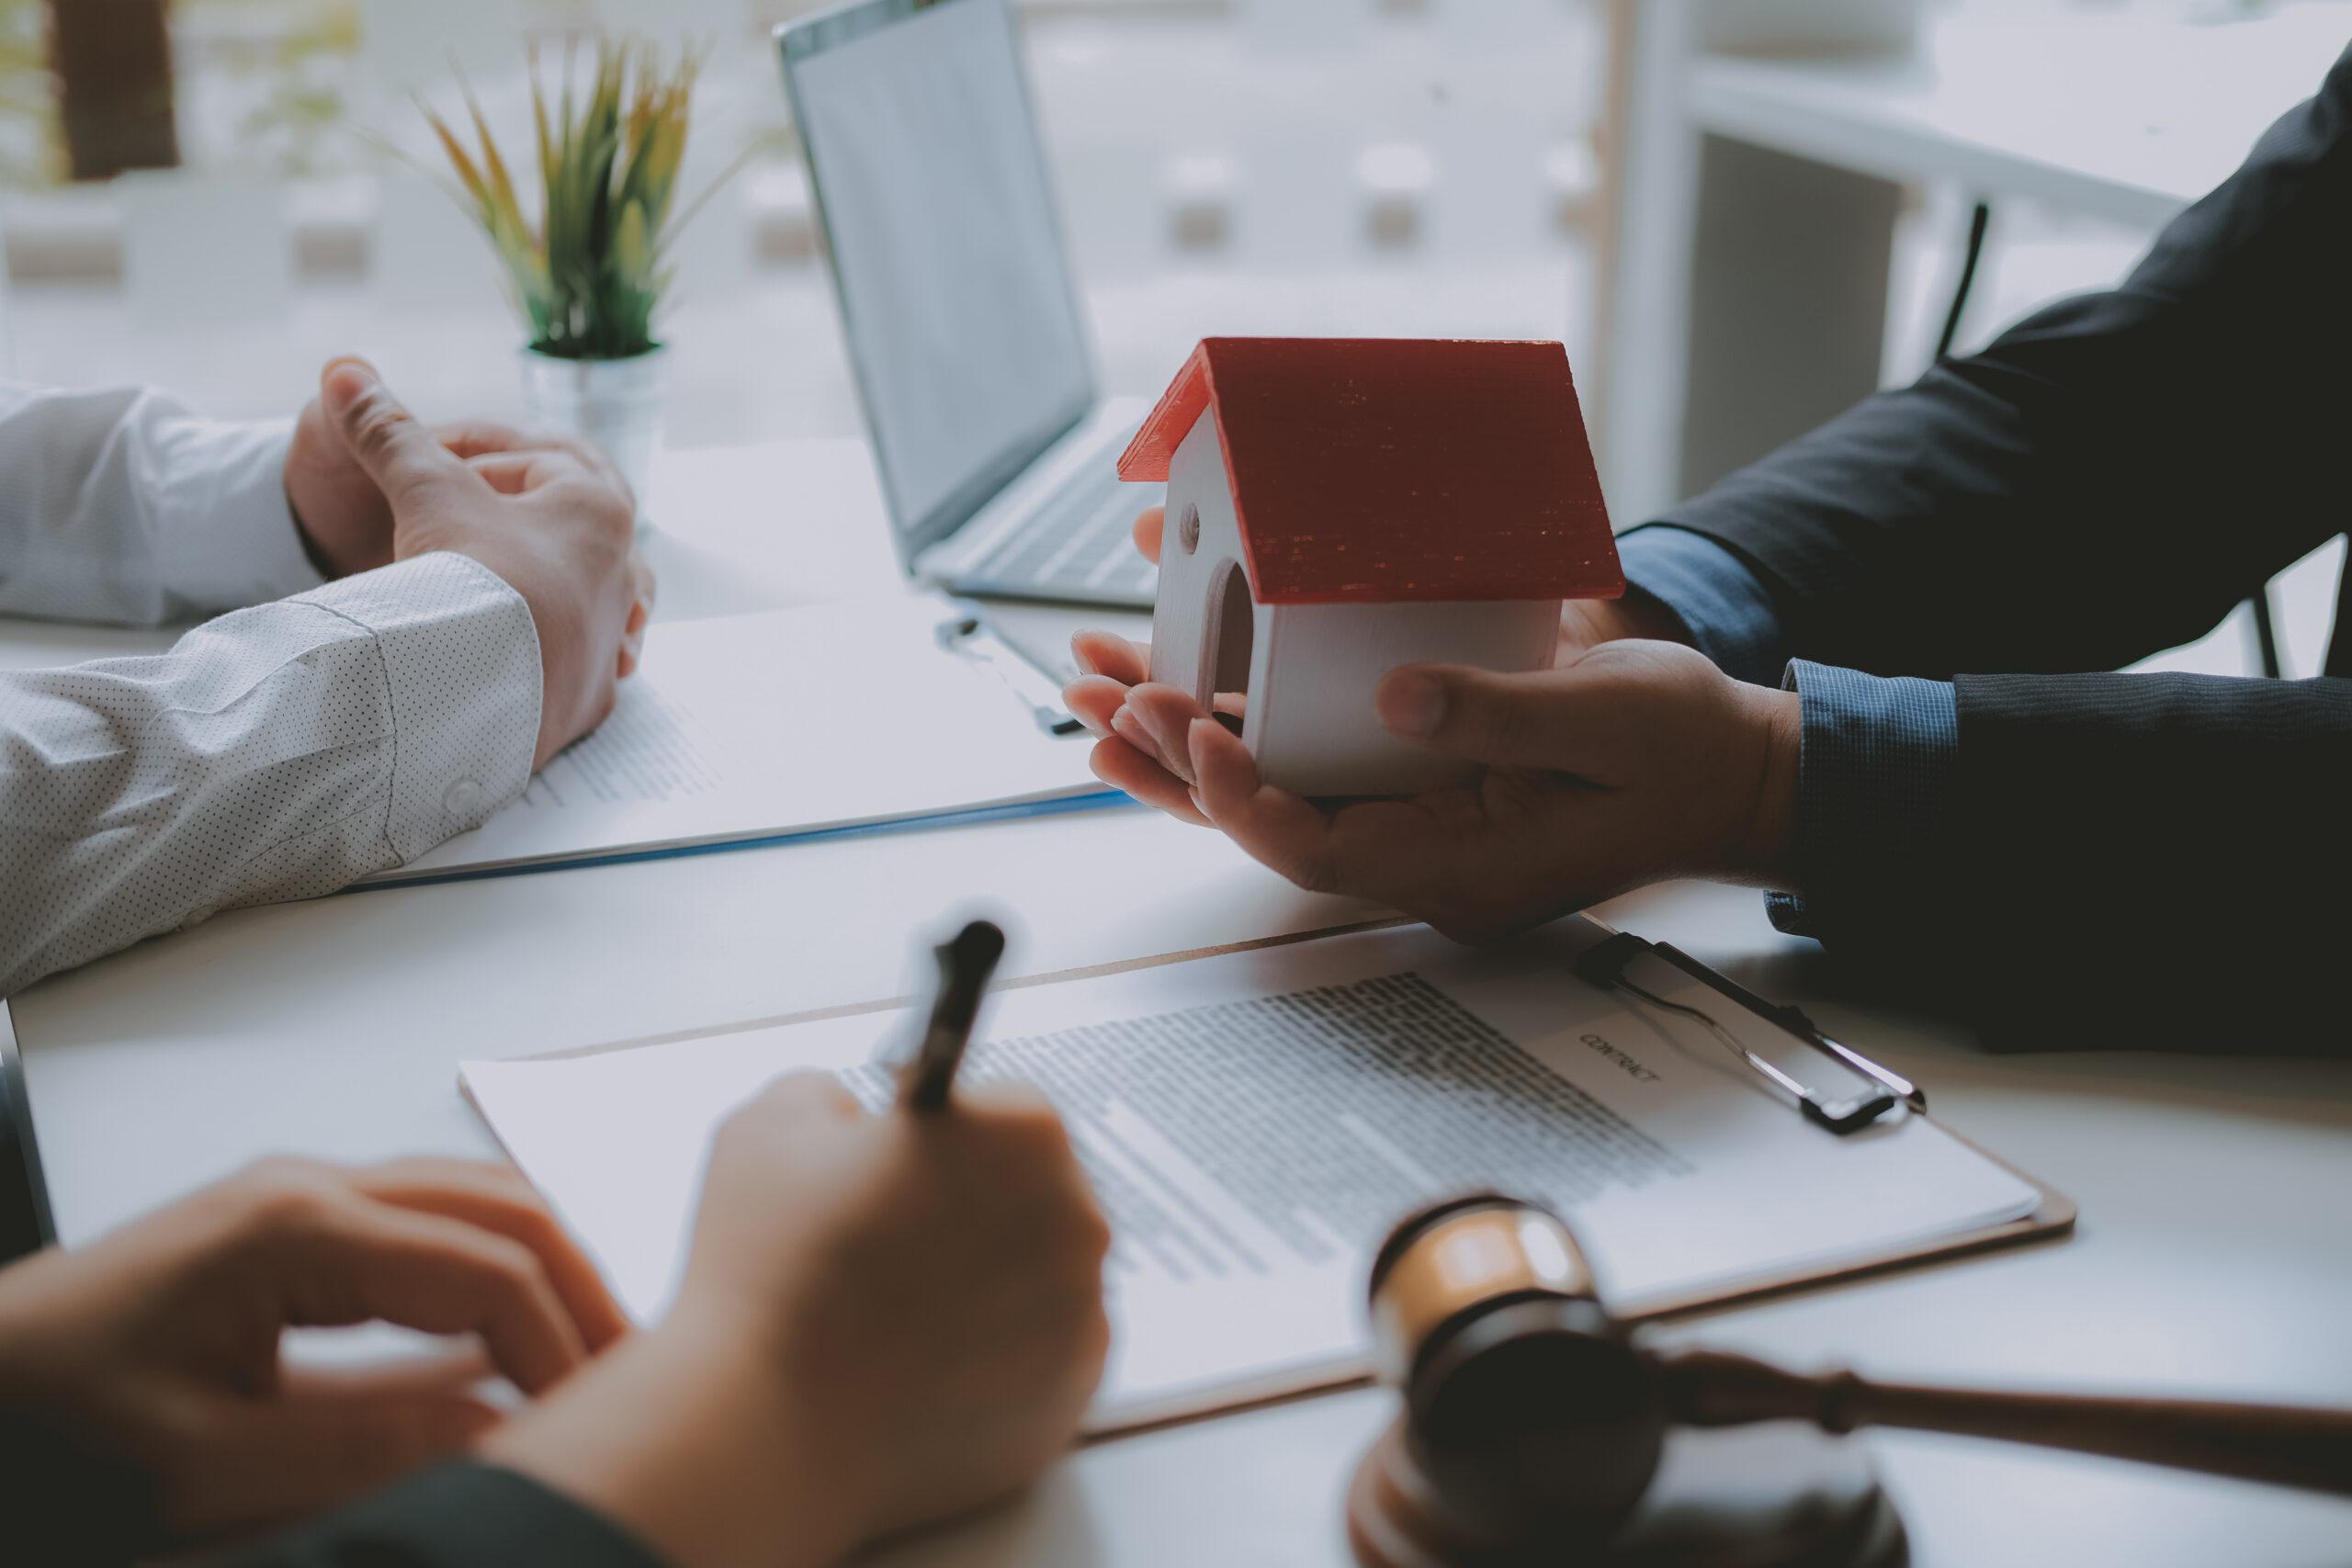 כדאיות הבלעדיות – מדוע כדאי לתת בלעדיות בתיווך בעת מכירת הנכס?